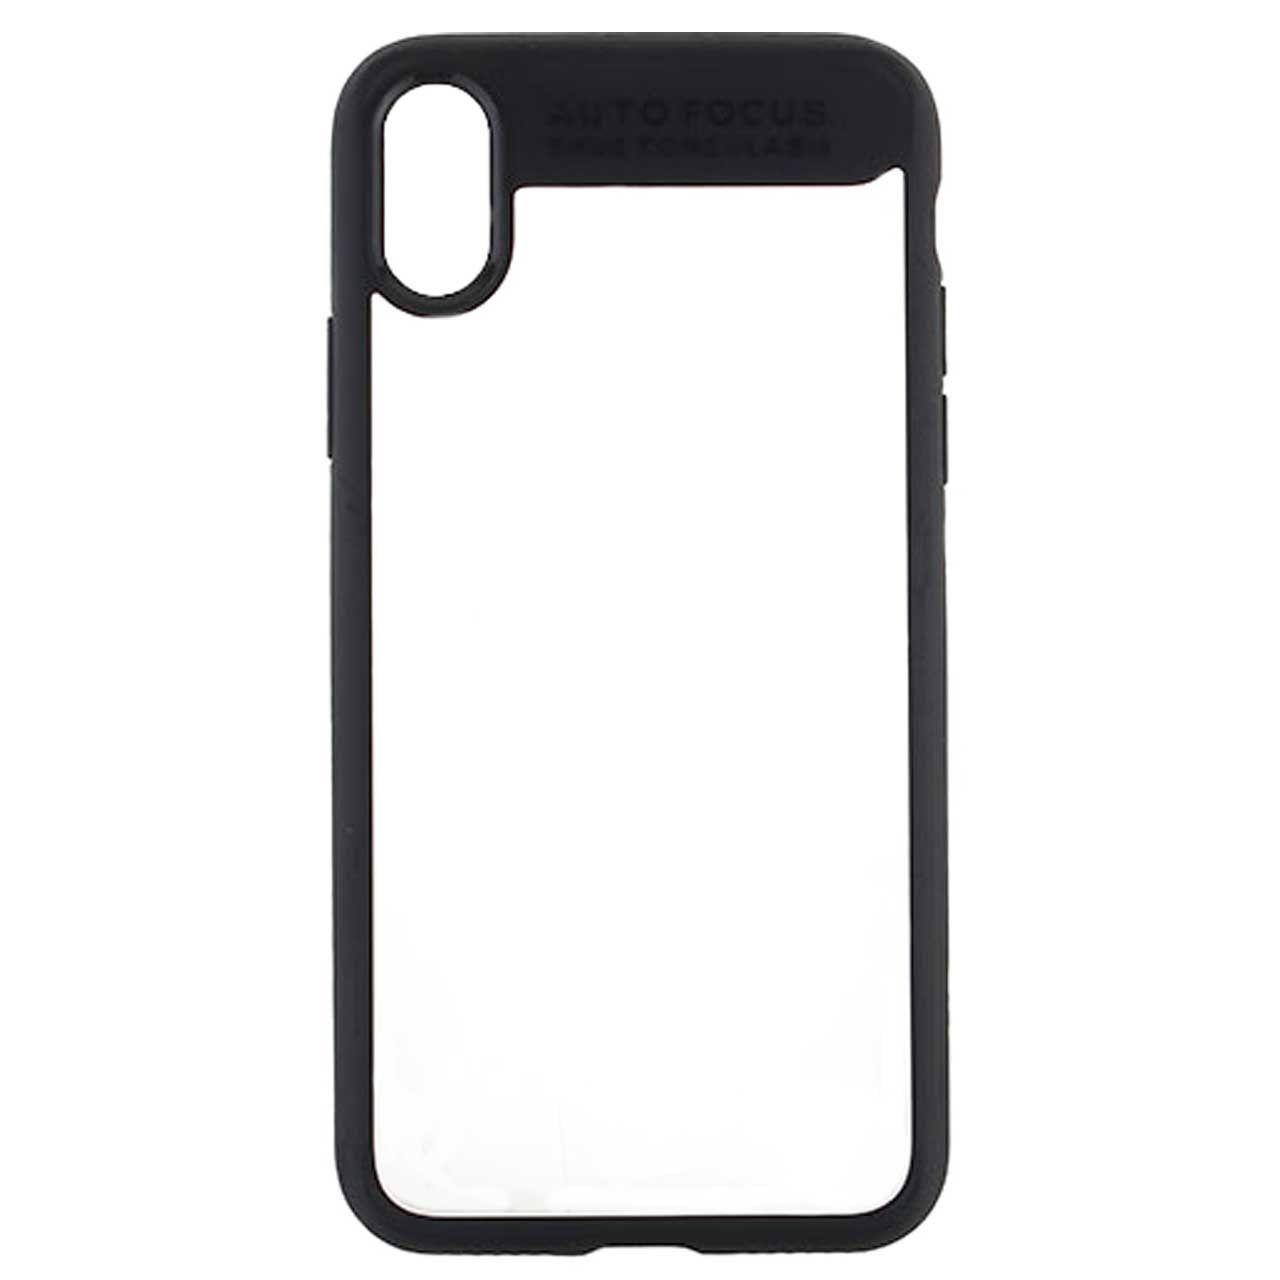 کاور راک مدل Protection case مناسب برای گوشی موبایل آیفون X